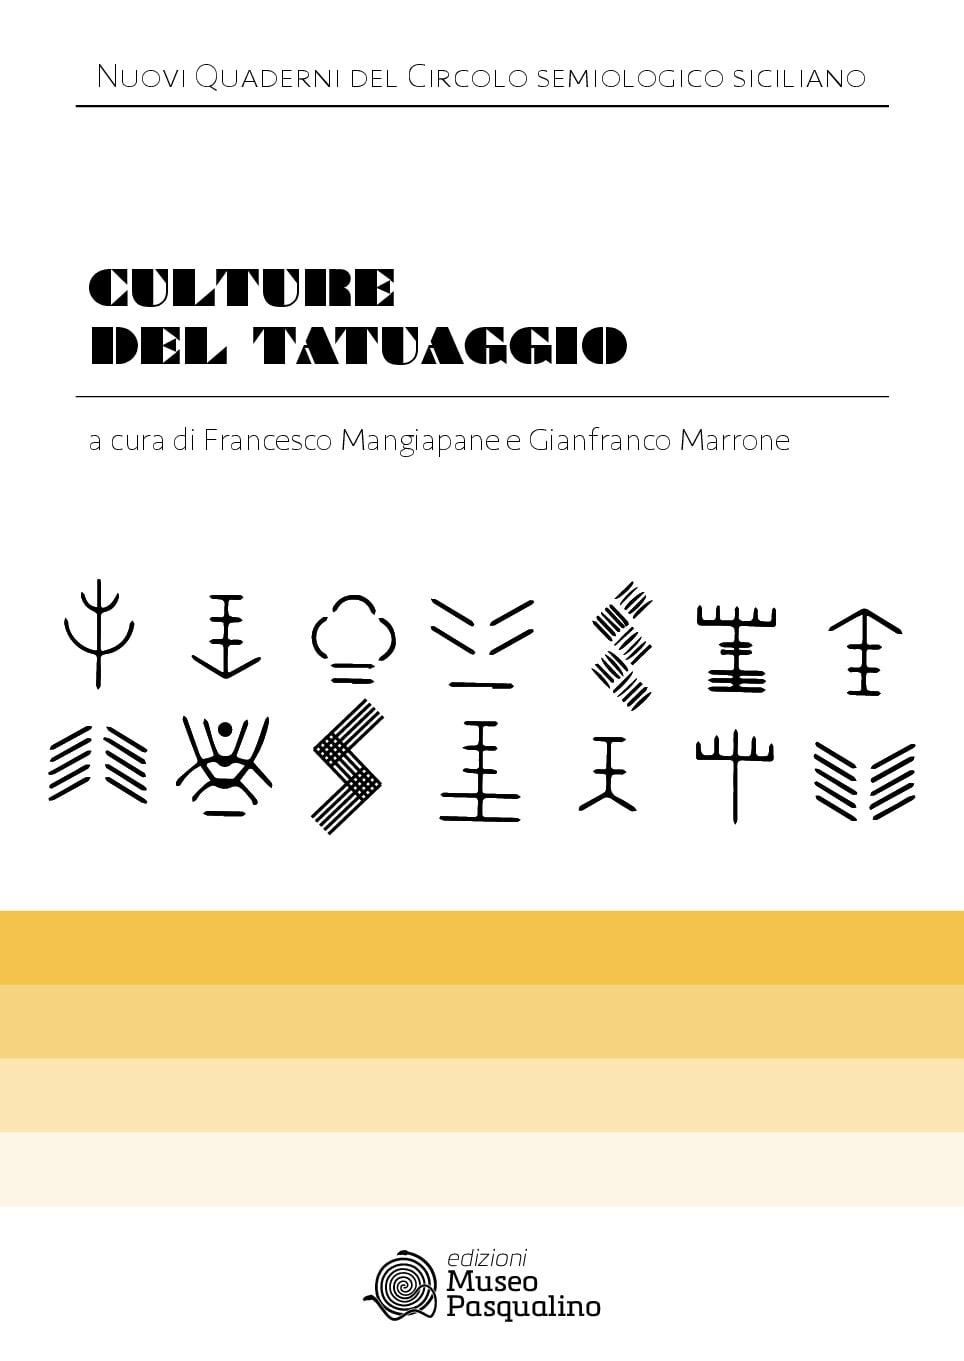 culture_del_tatuaggio_copertina-001-min.jpg - 66.53 kB